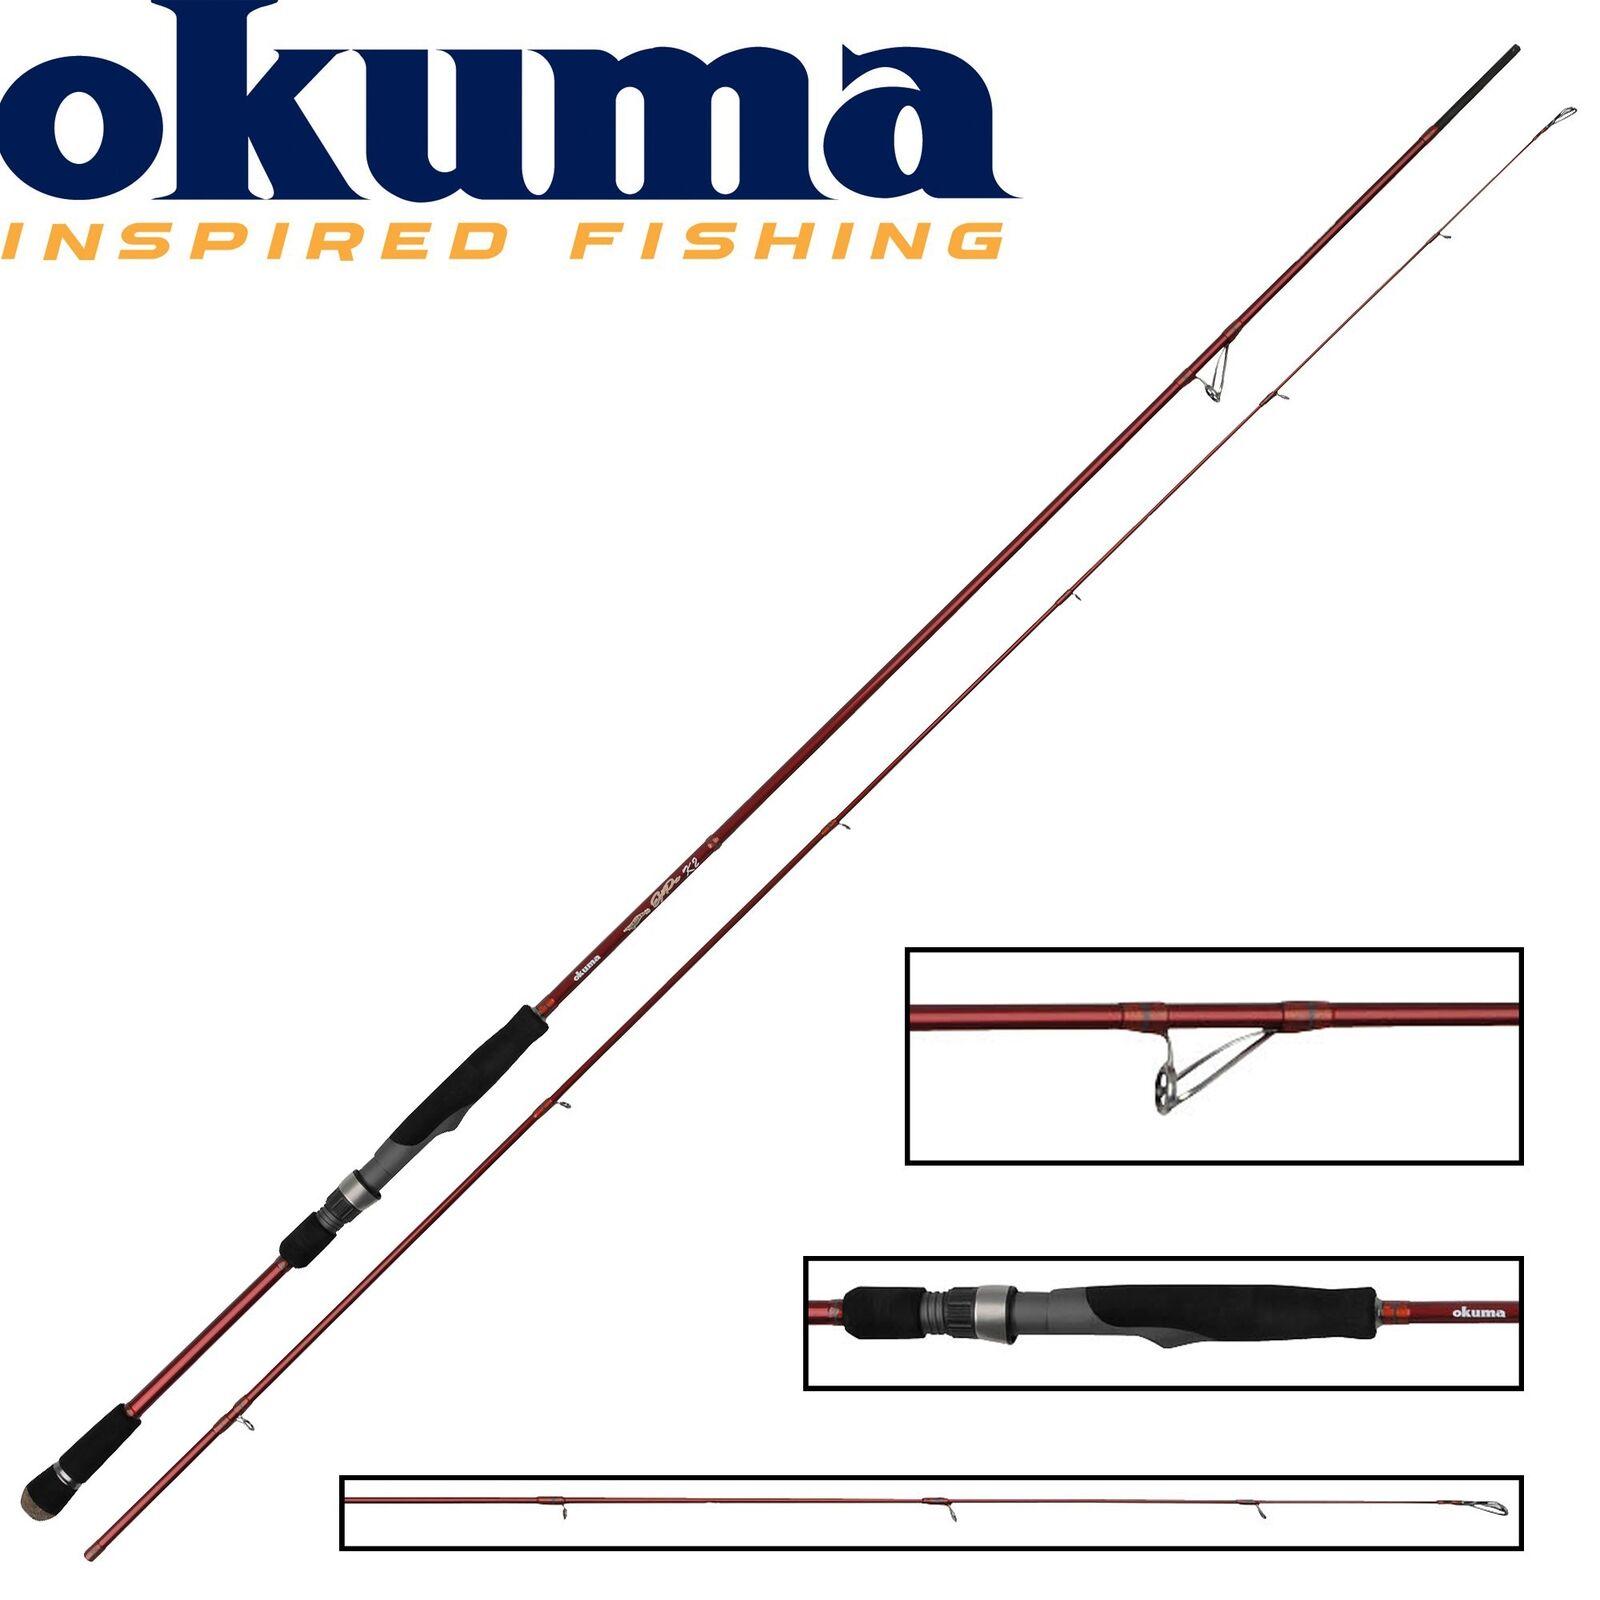 Okuma Egi Pro 245cm 3-20g leichte Spinnrute für Forelle und Barsch, Angelrute